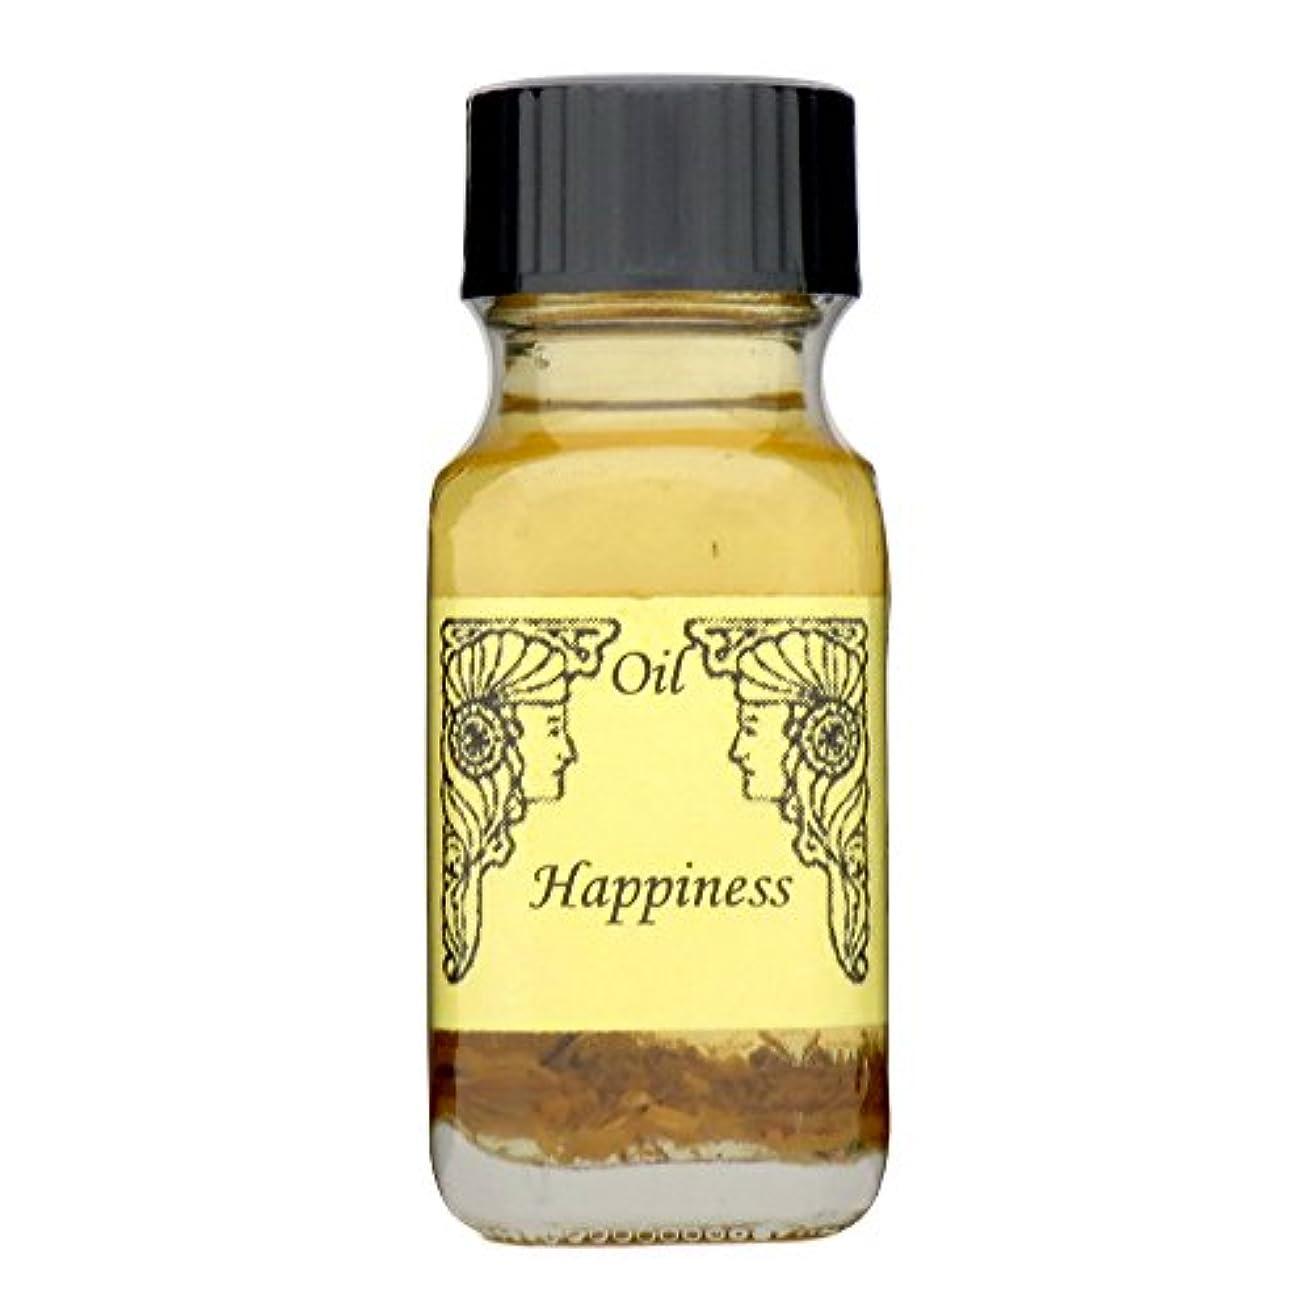 メロディアス咲く集中アンシェントメモリーオイル ハピネス (幸福) 15ml (Ancient Memory Oils)